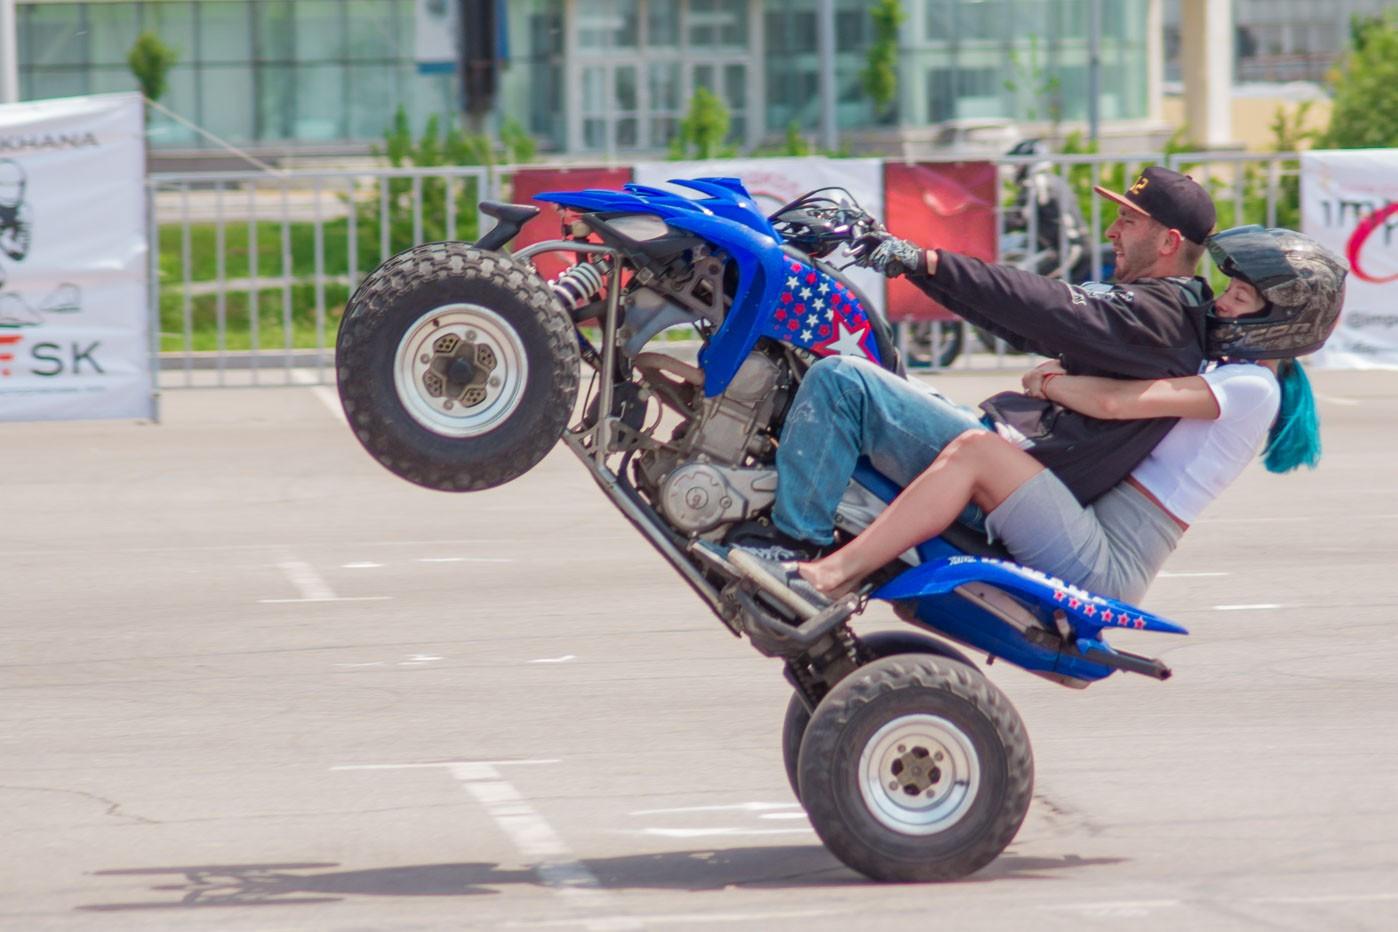 Фигурное вождение байков: первая мотоджимхана прошла в Хабаровске